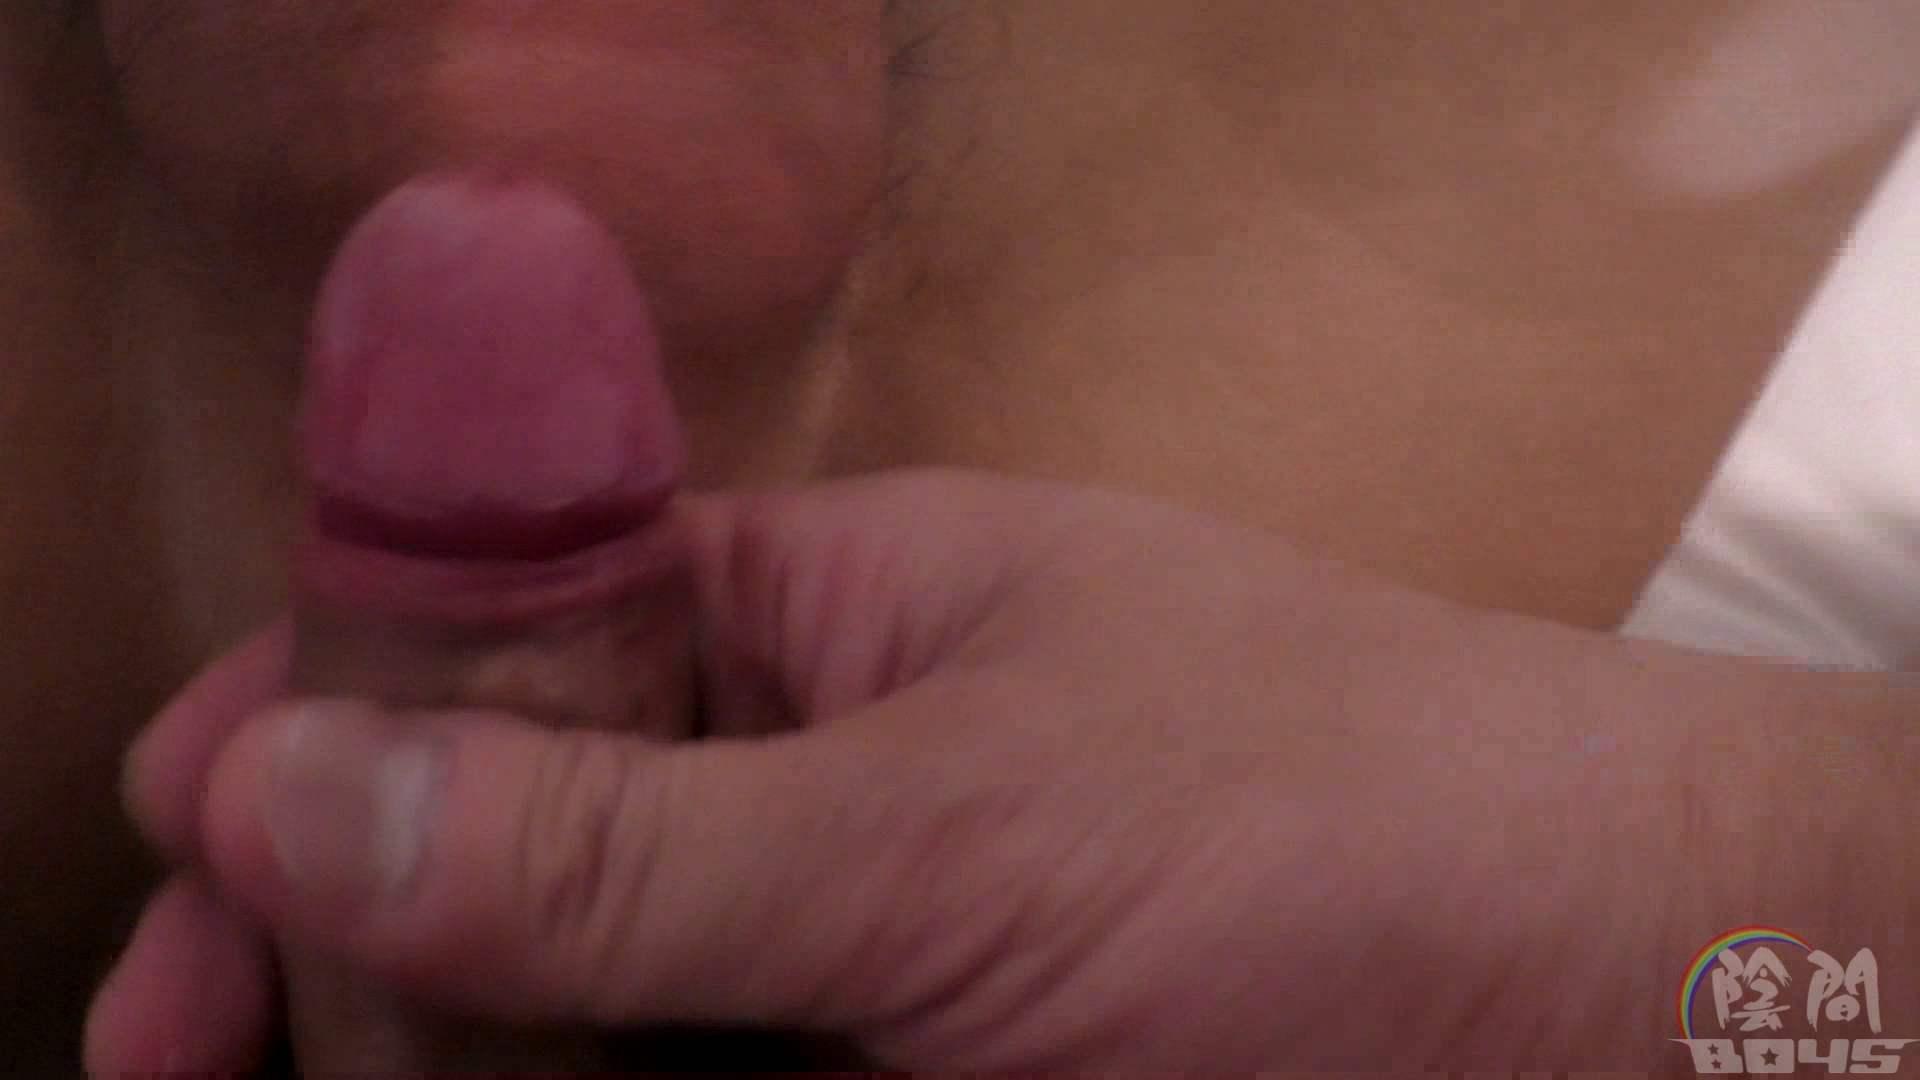 陰間BOYS~「アナルだけは許して…」~04 ゲイイメージ ゲイ無料エロ画像 97pic 56